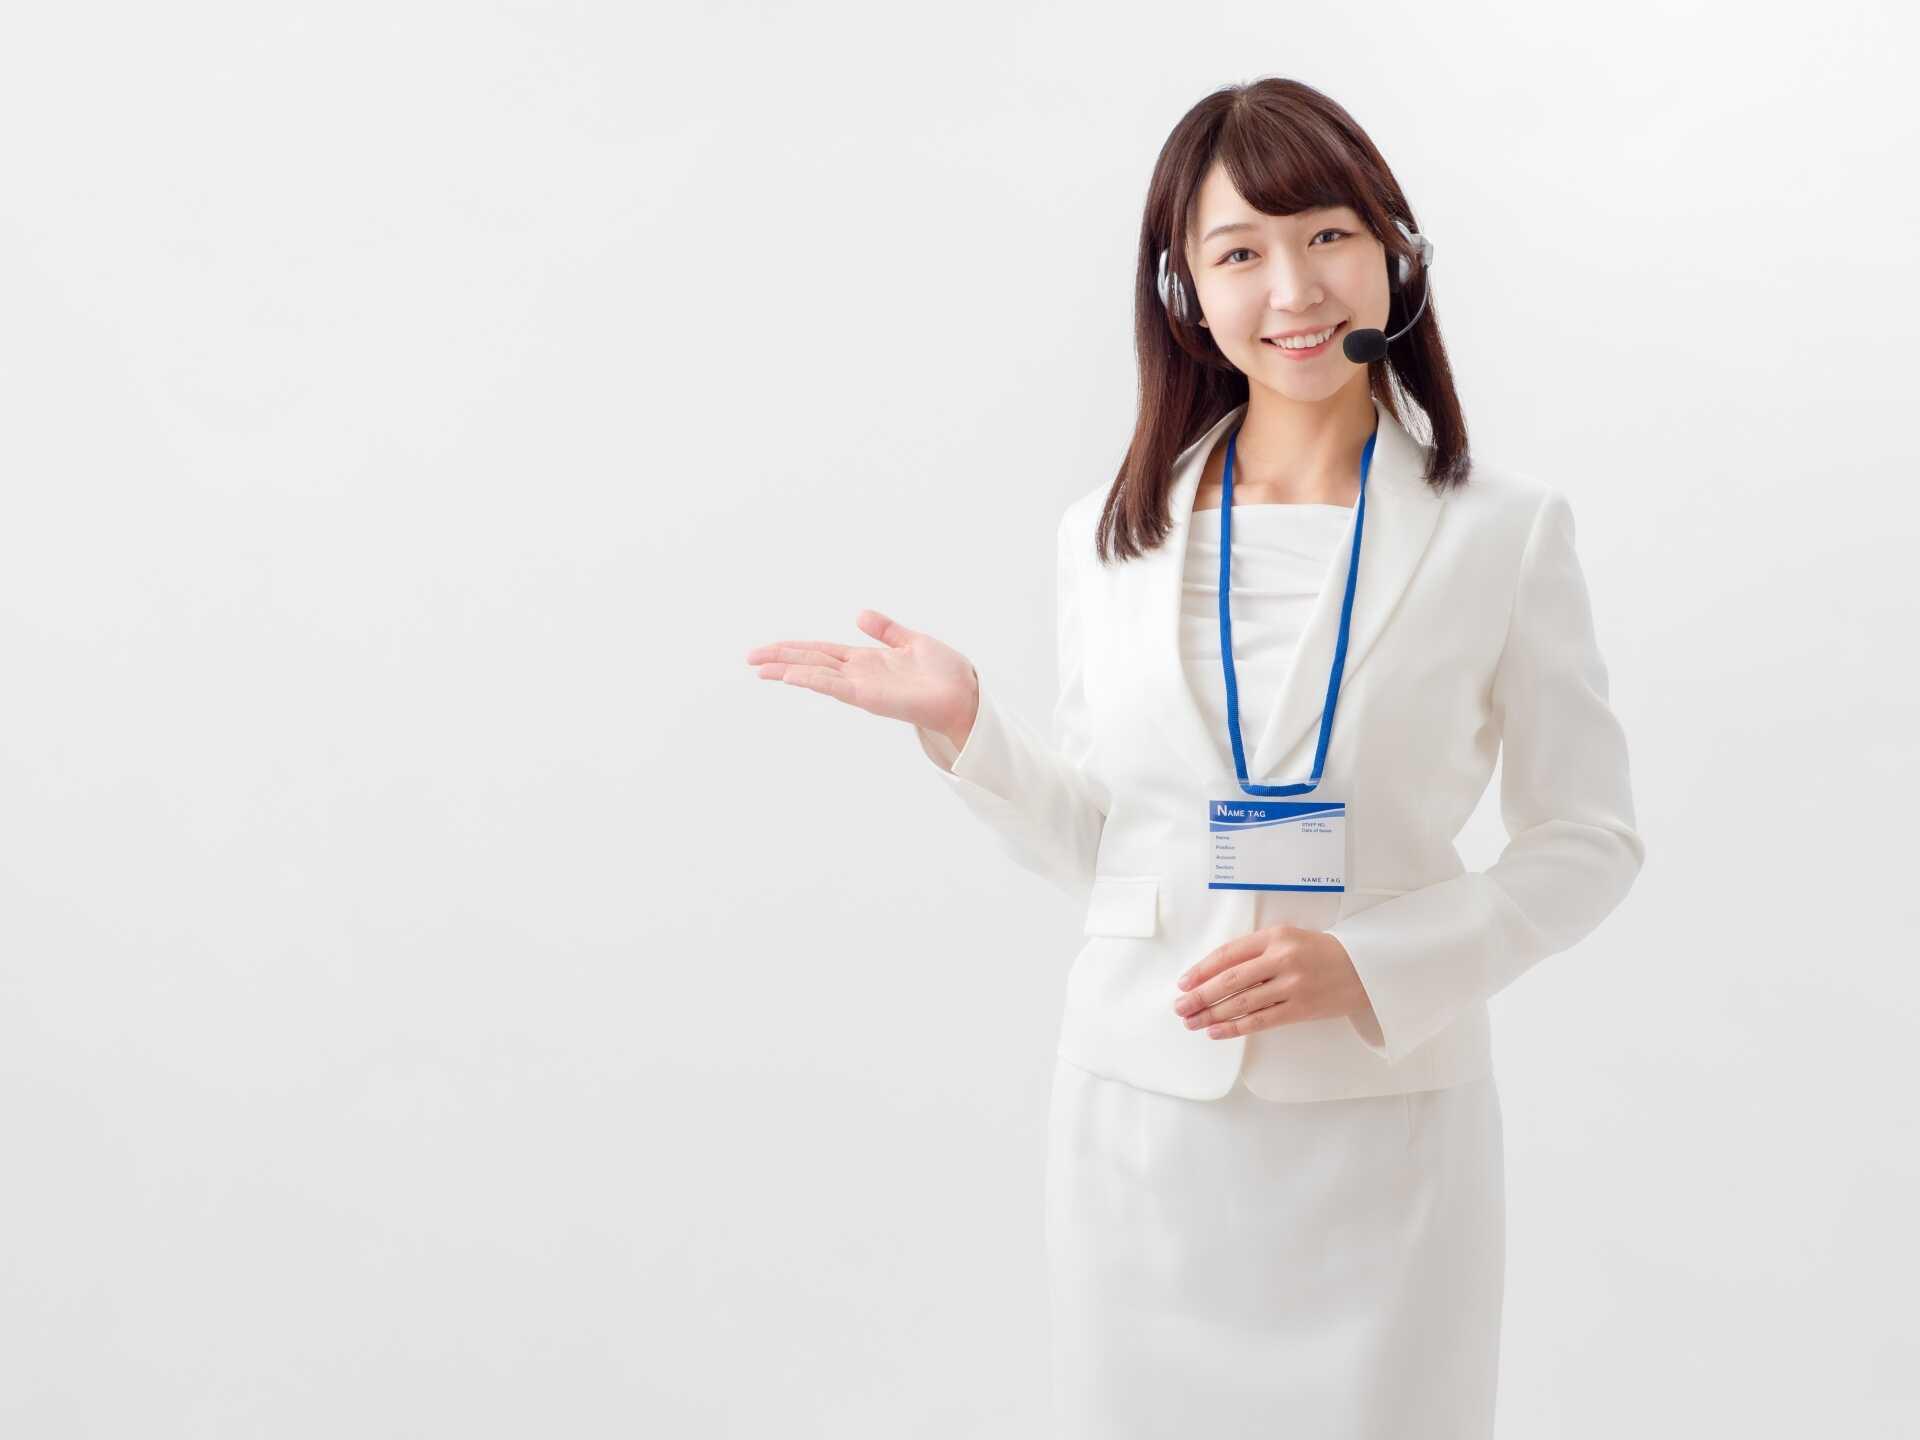 ニートが仕事を見つけるためには-おすすめの就職方法を解説-